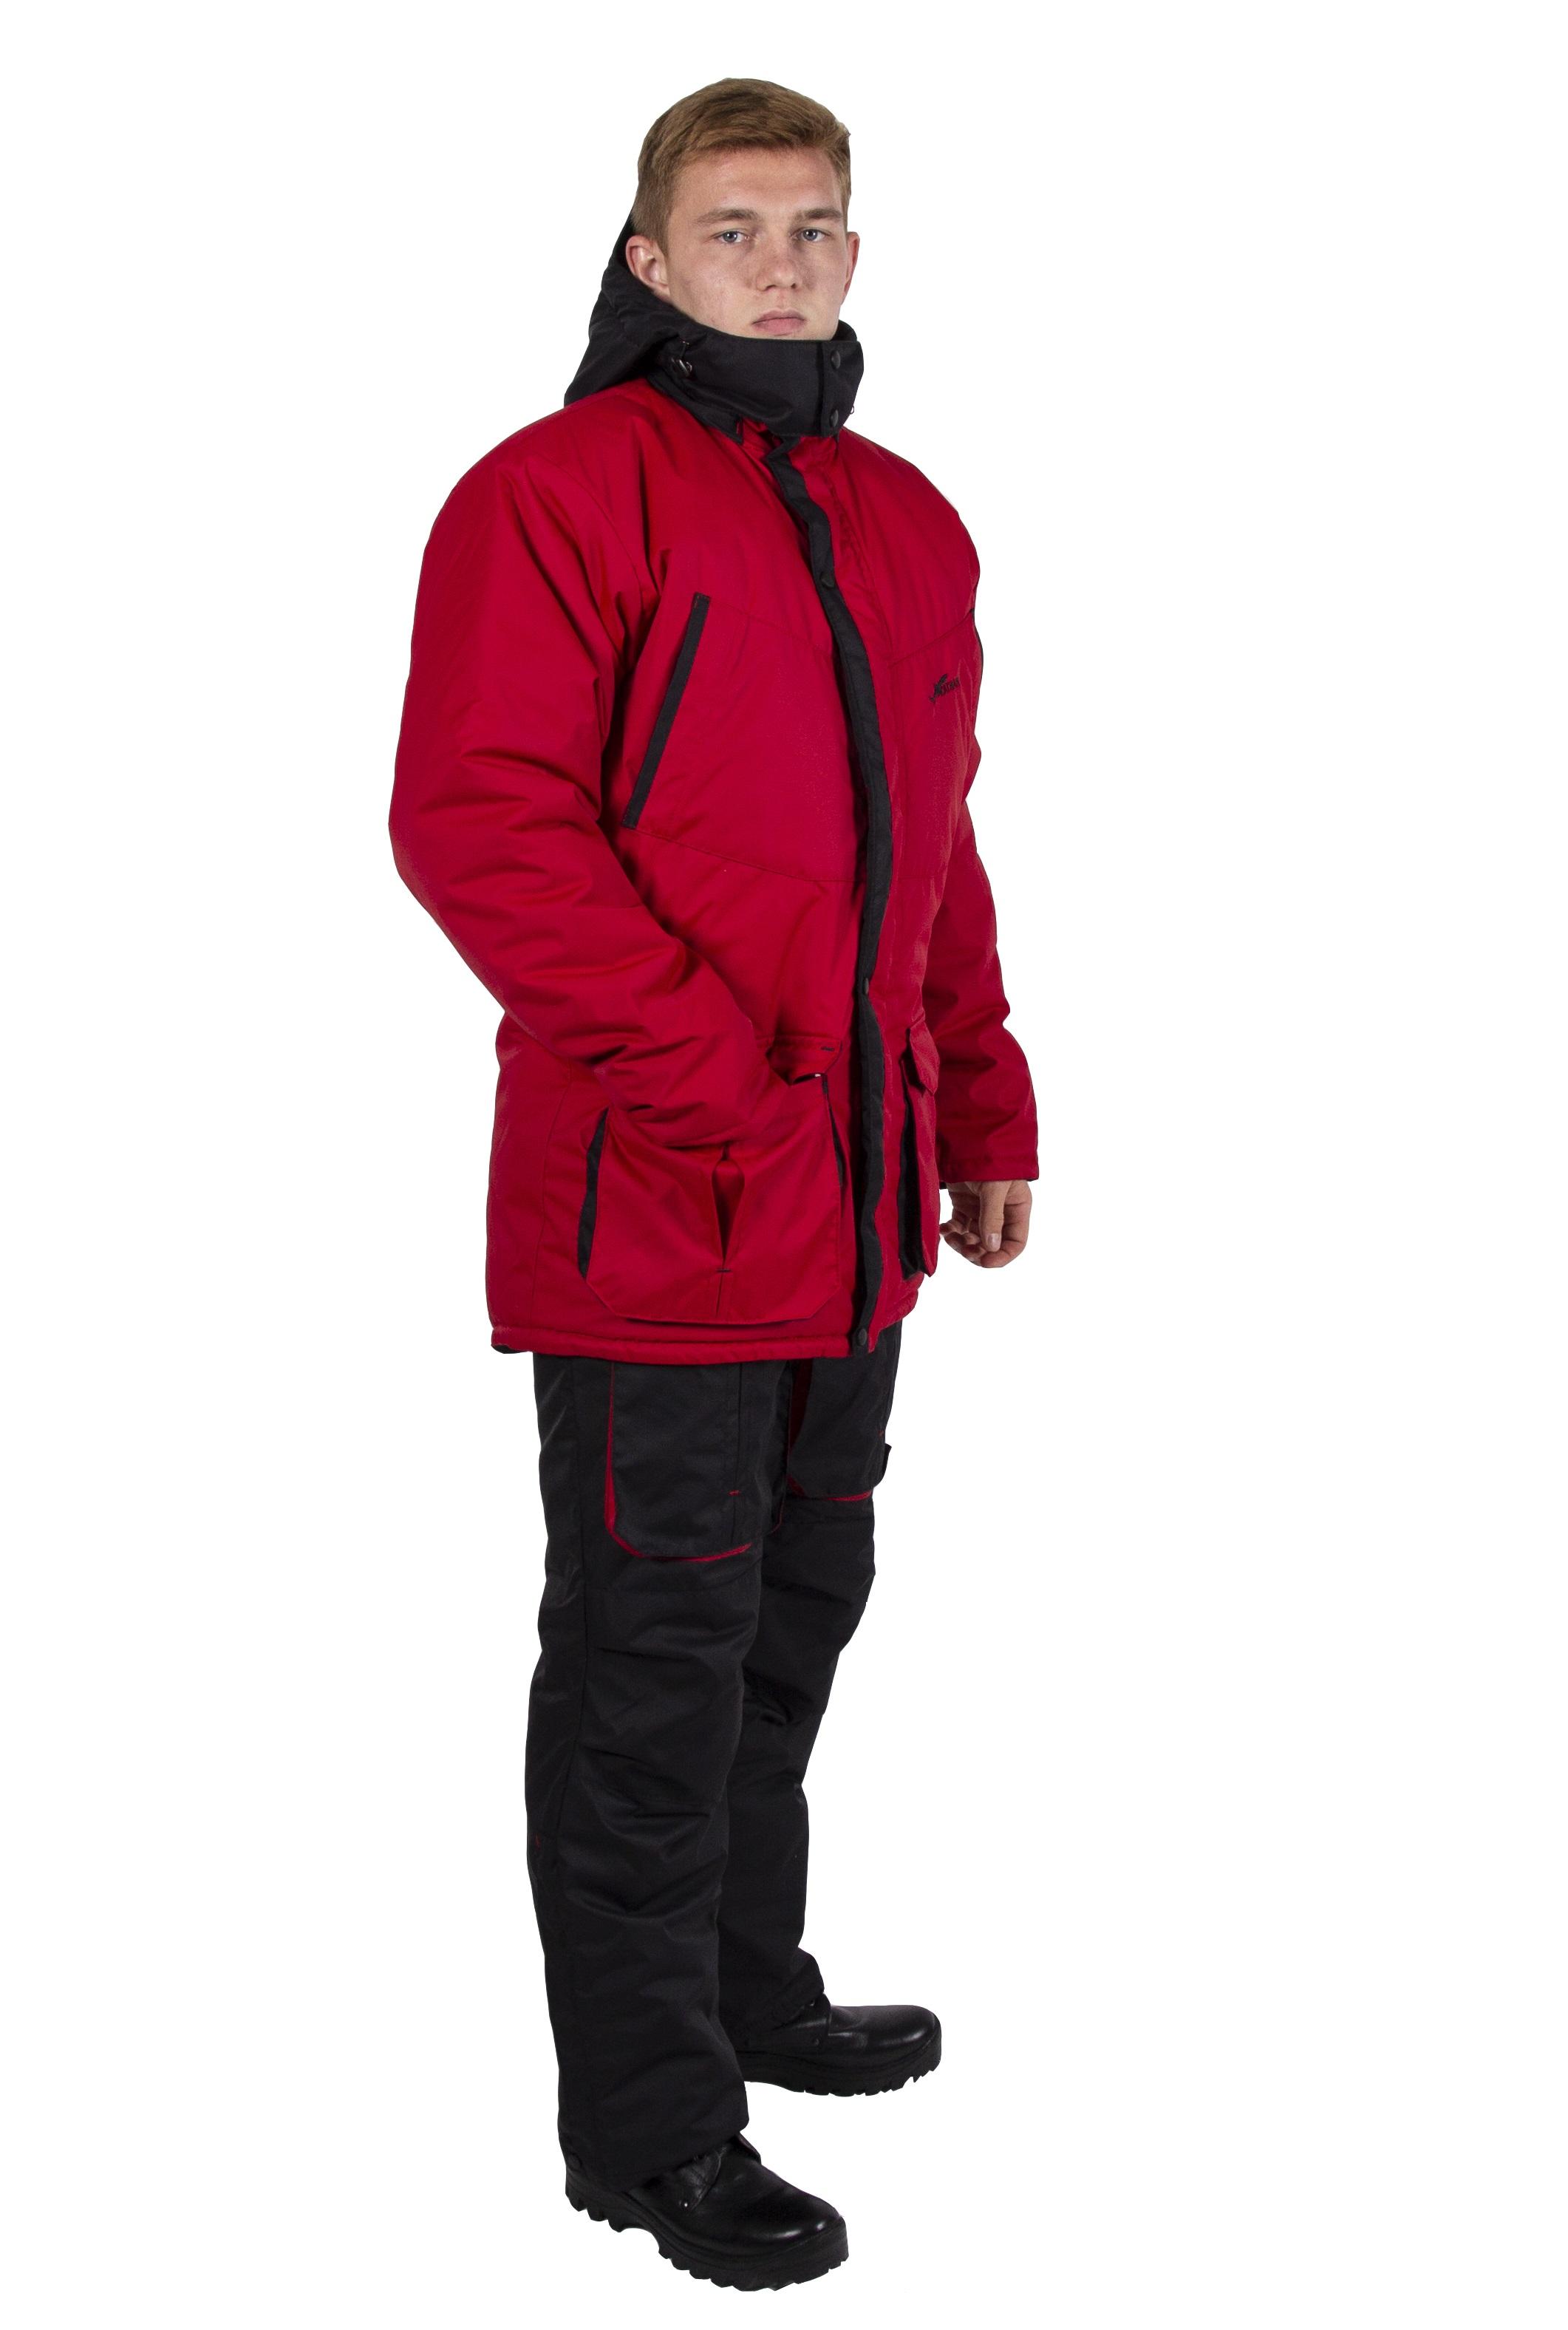 Зимний костюм для охоты и рыбалки KATRAN Берген -40C Таслан, Красный, 44-46/170-176 фото